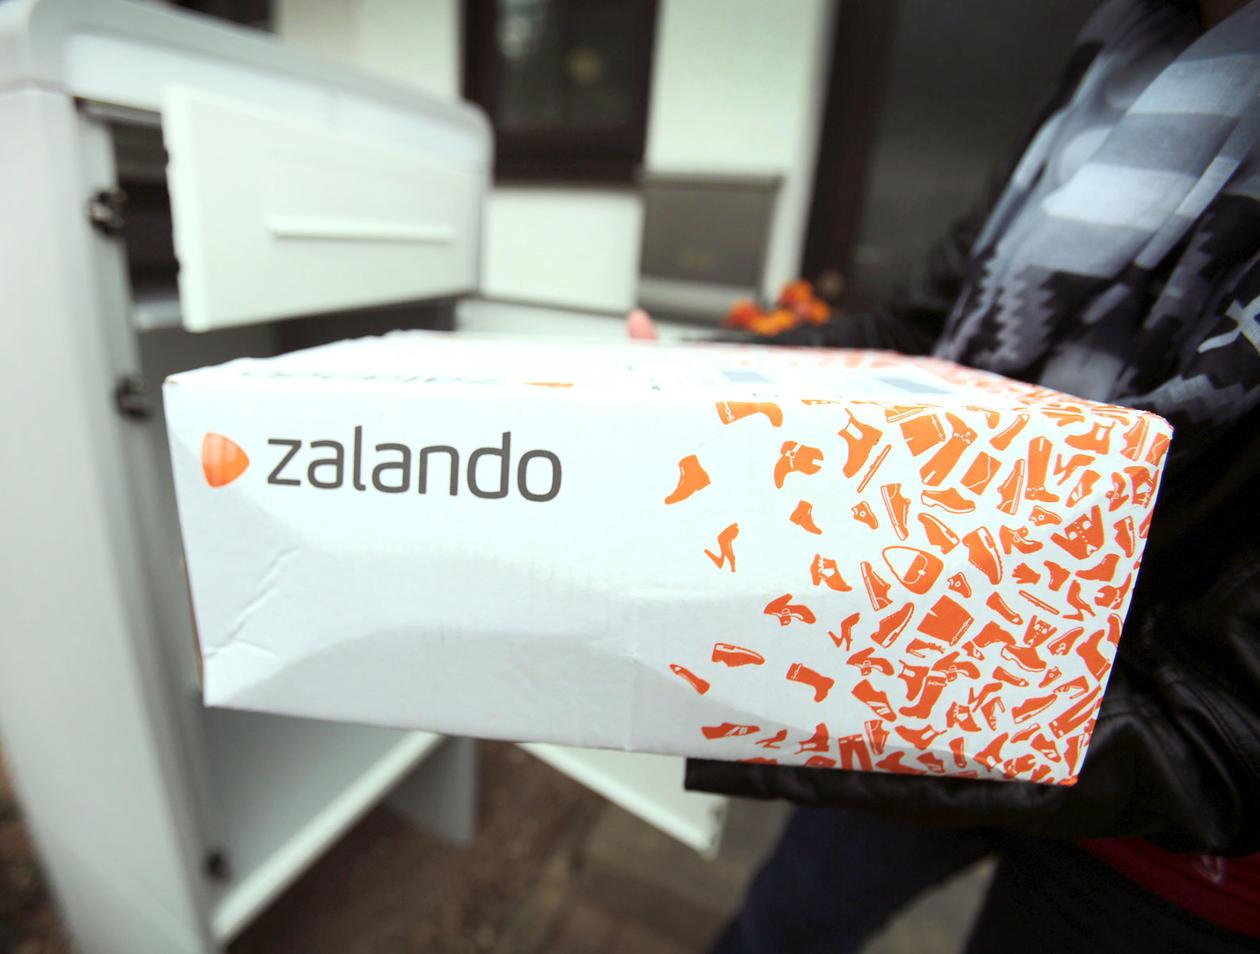 separation shoes 8e48e e3a46 Zalando, OTTO und H&M & Co.: Was passiert eigentlich mit ...